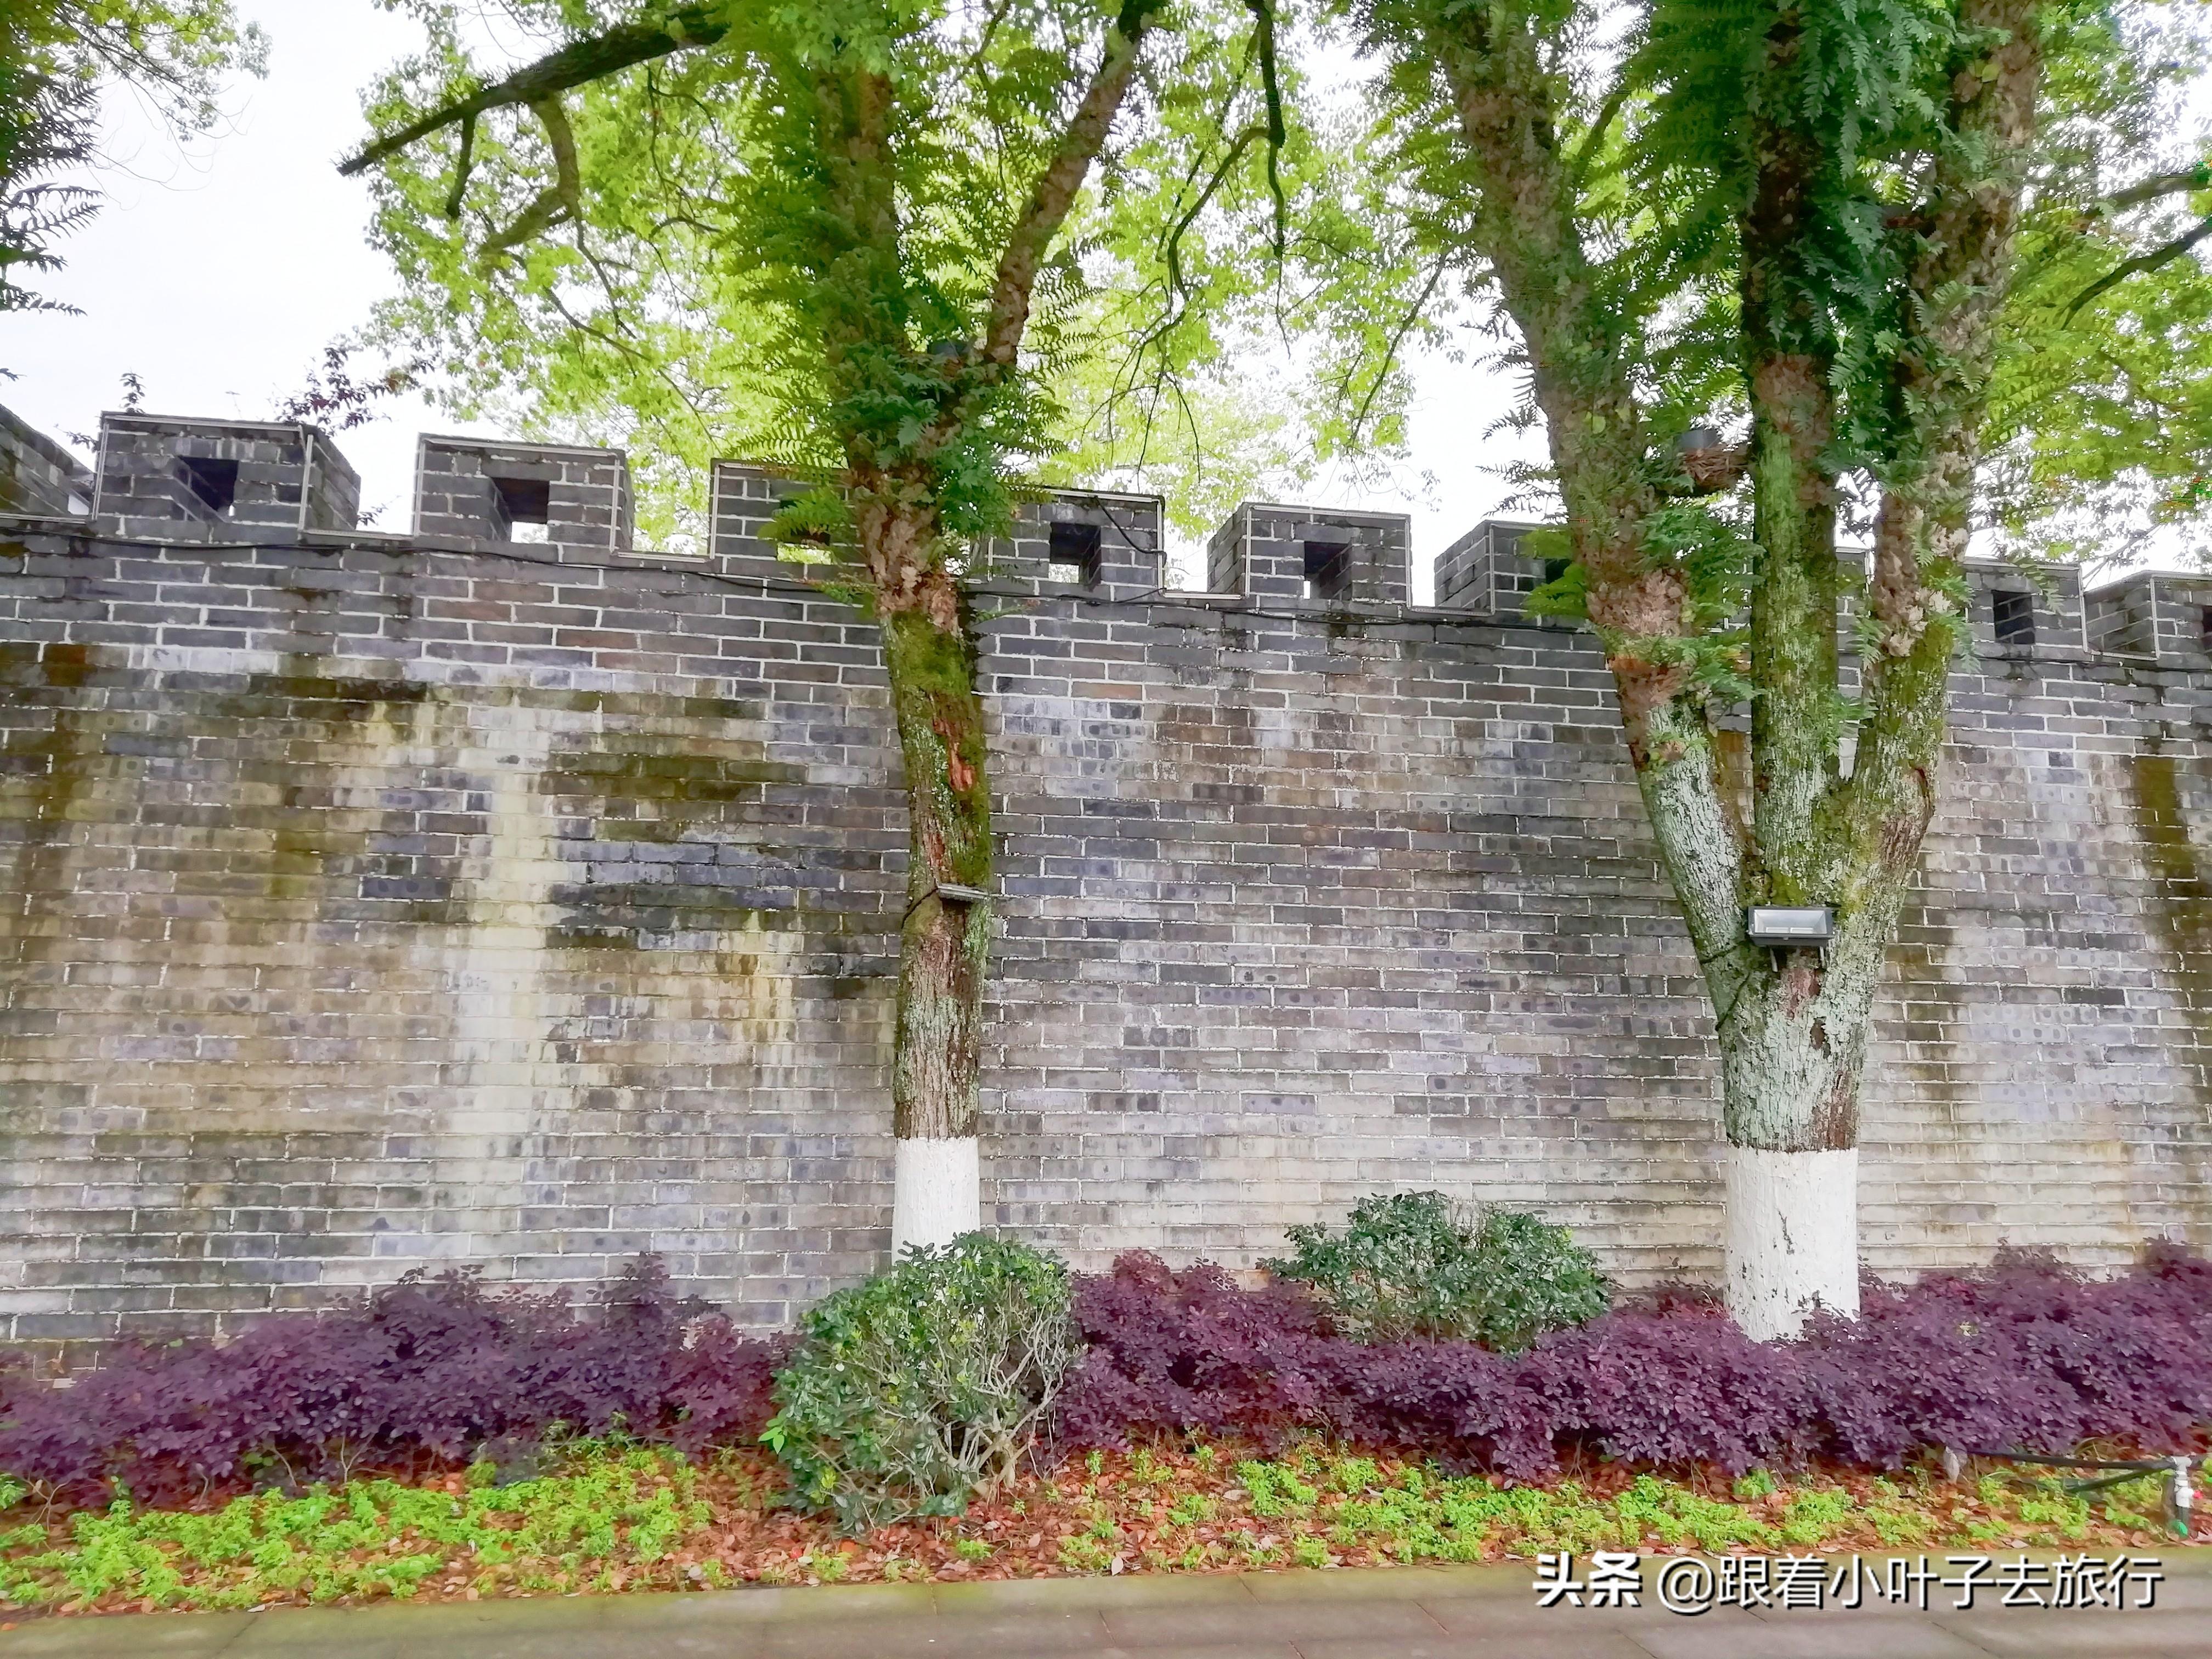 福建省邵武市古城墙的樵溪门,也许你没听过这个名字,但你见过